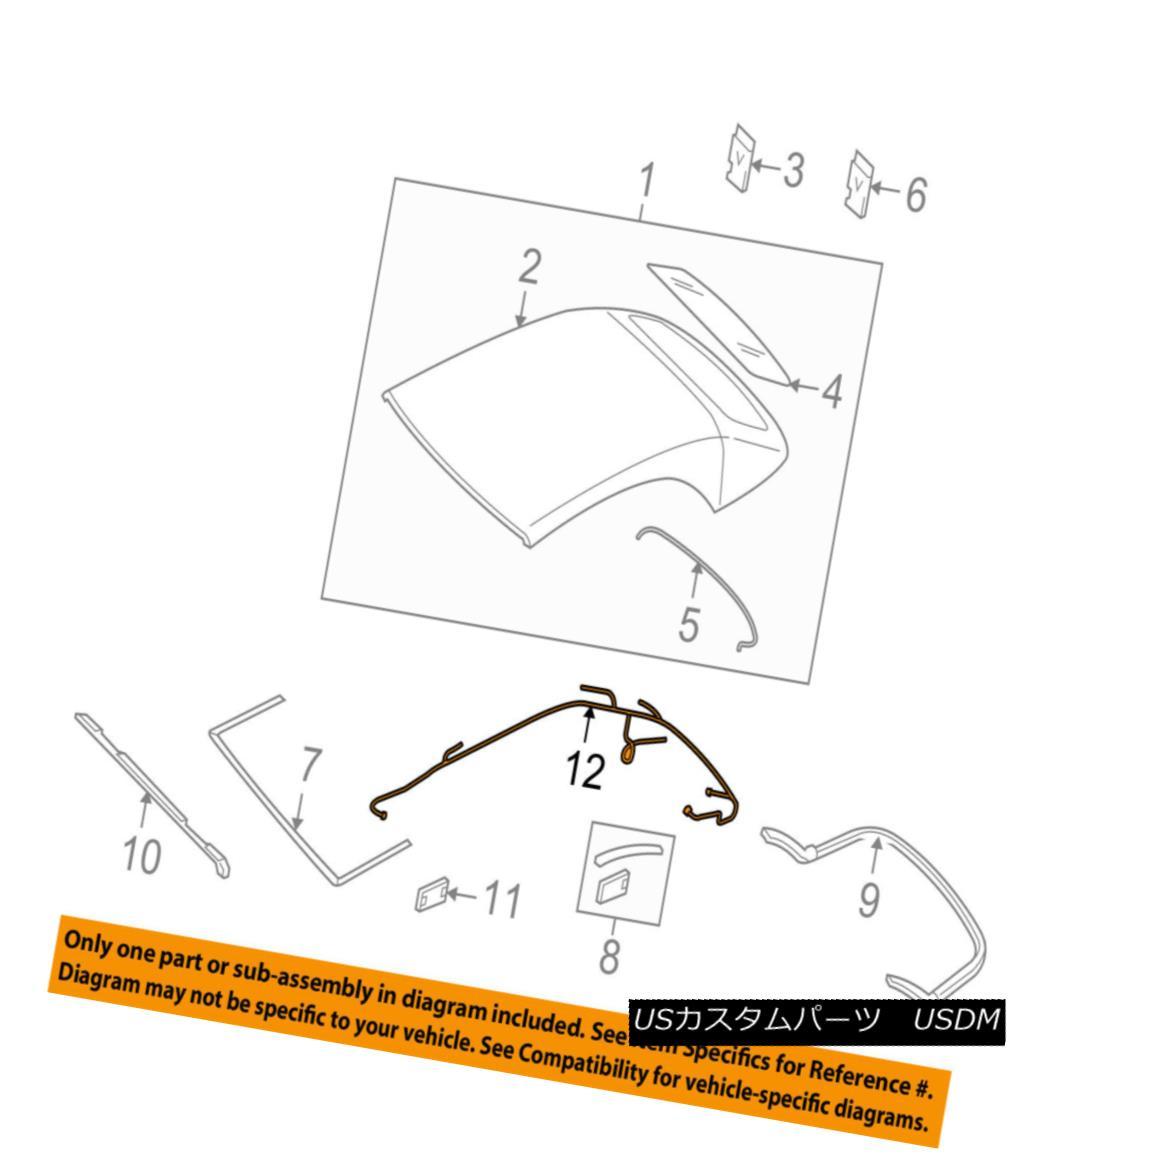 幌・ソフトトップ AUDI OEM 10-17 A5 Quattro Convertible/soft Top-Wire Harness 8F0972811A AUDI OEM 10-17 A5 Quattro Convertible / so ftトップワイヤーハーネス8F0972811A